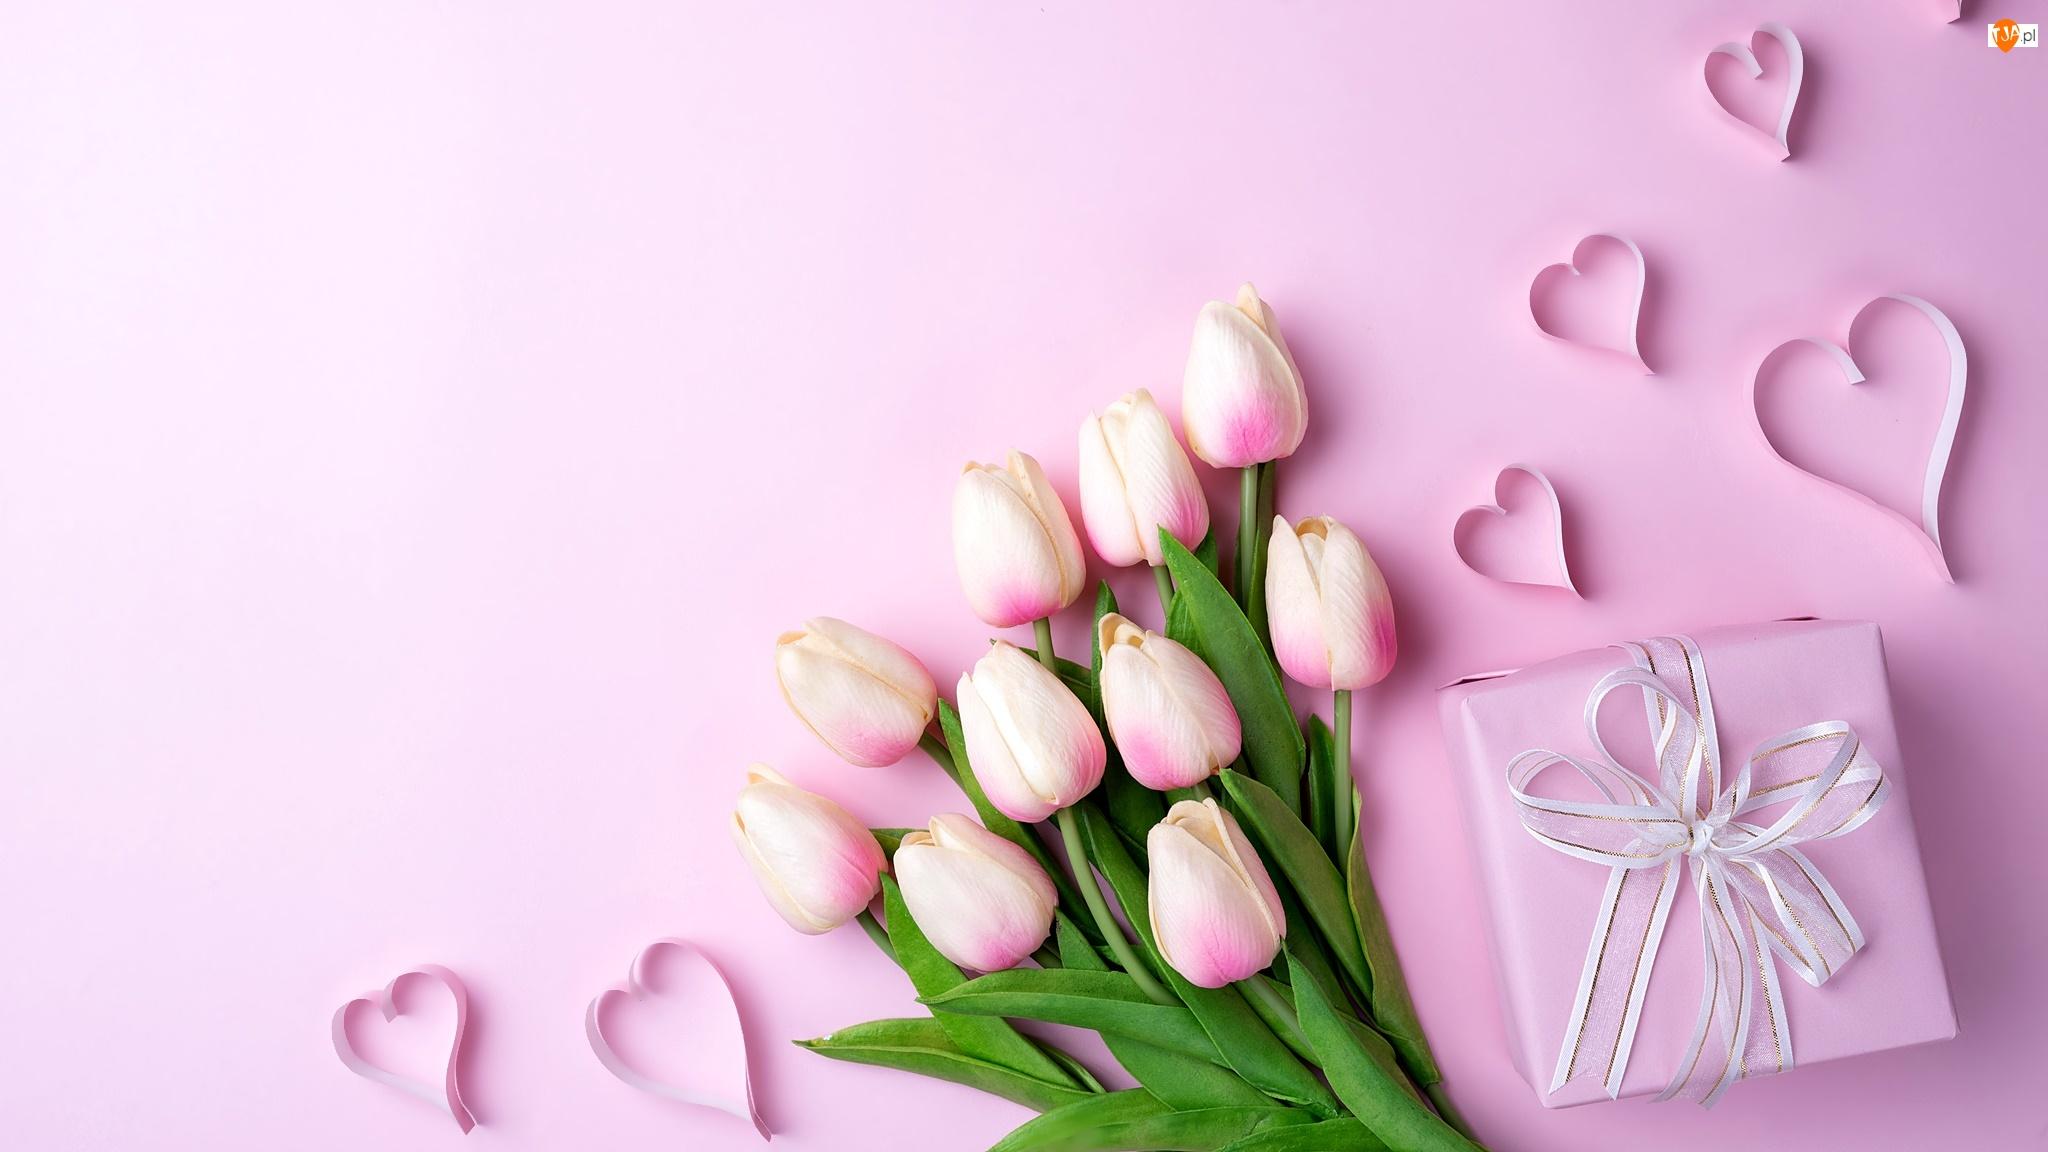 Tulipany, Różowe tło, Kwiaty, Serduszka, Prezent